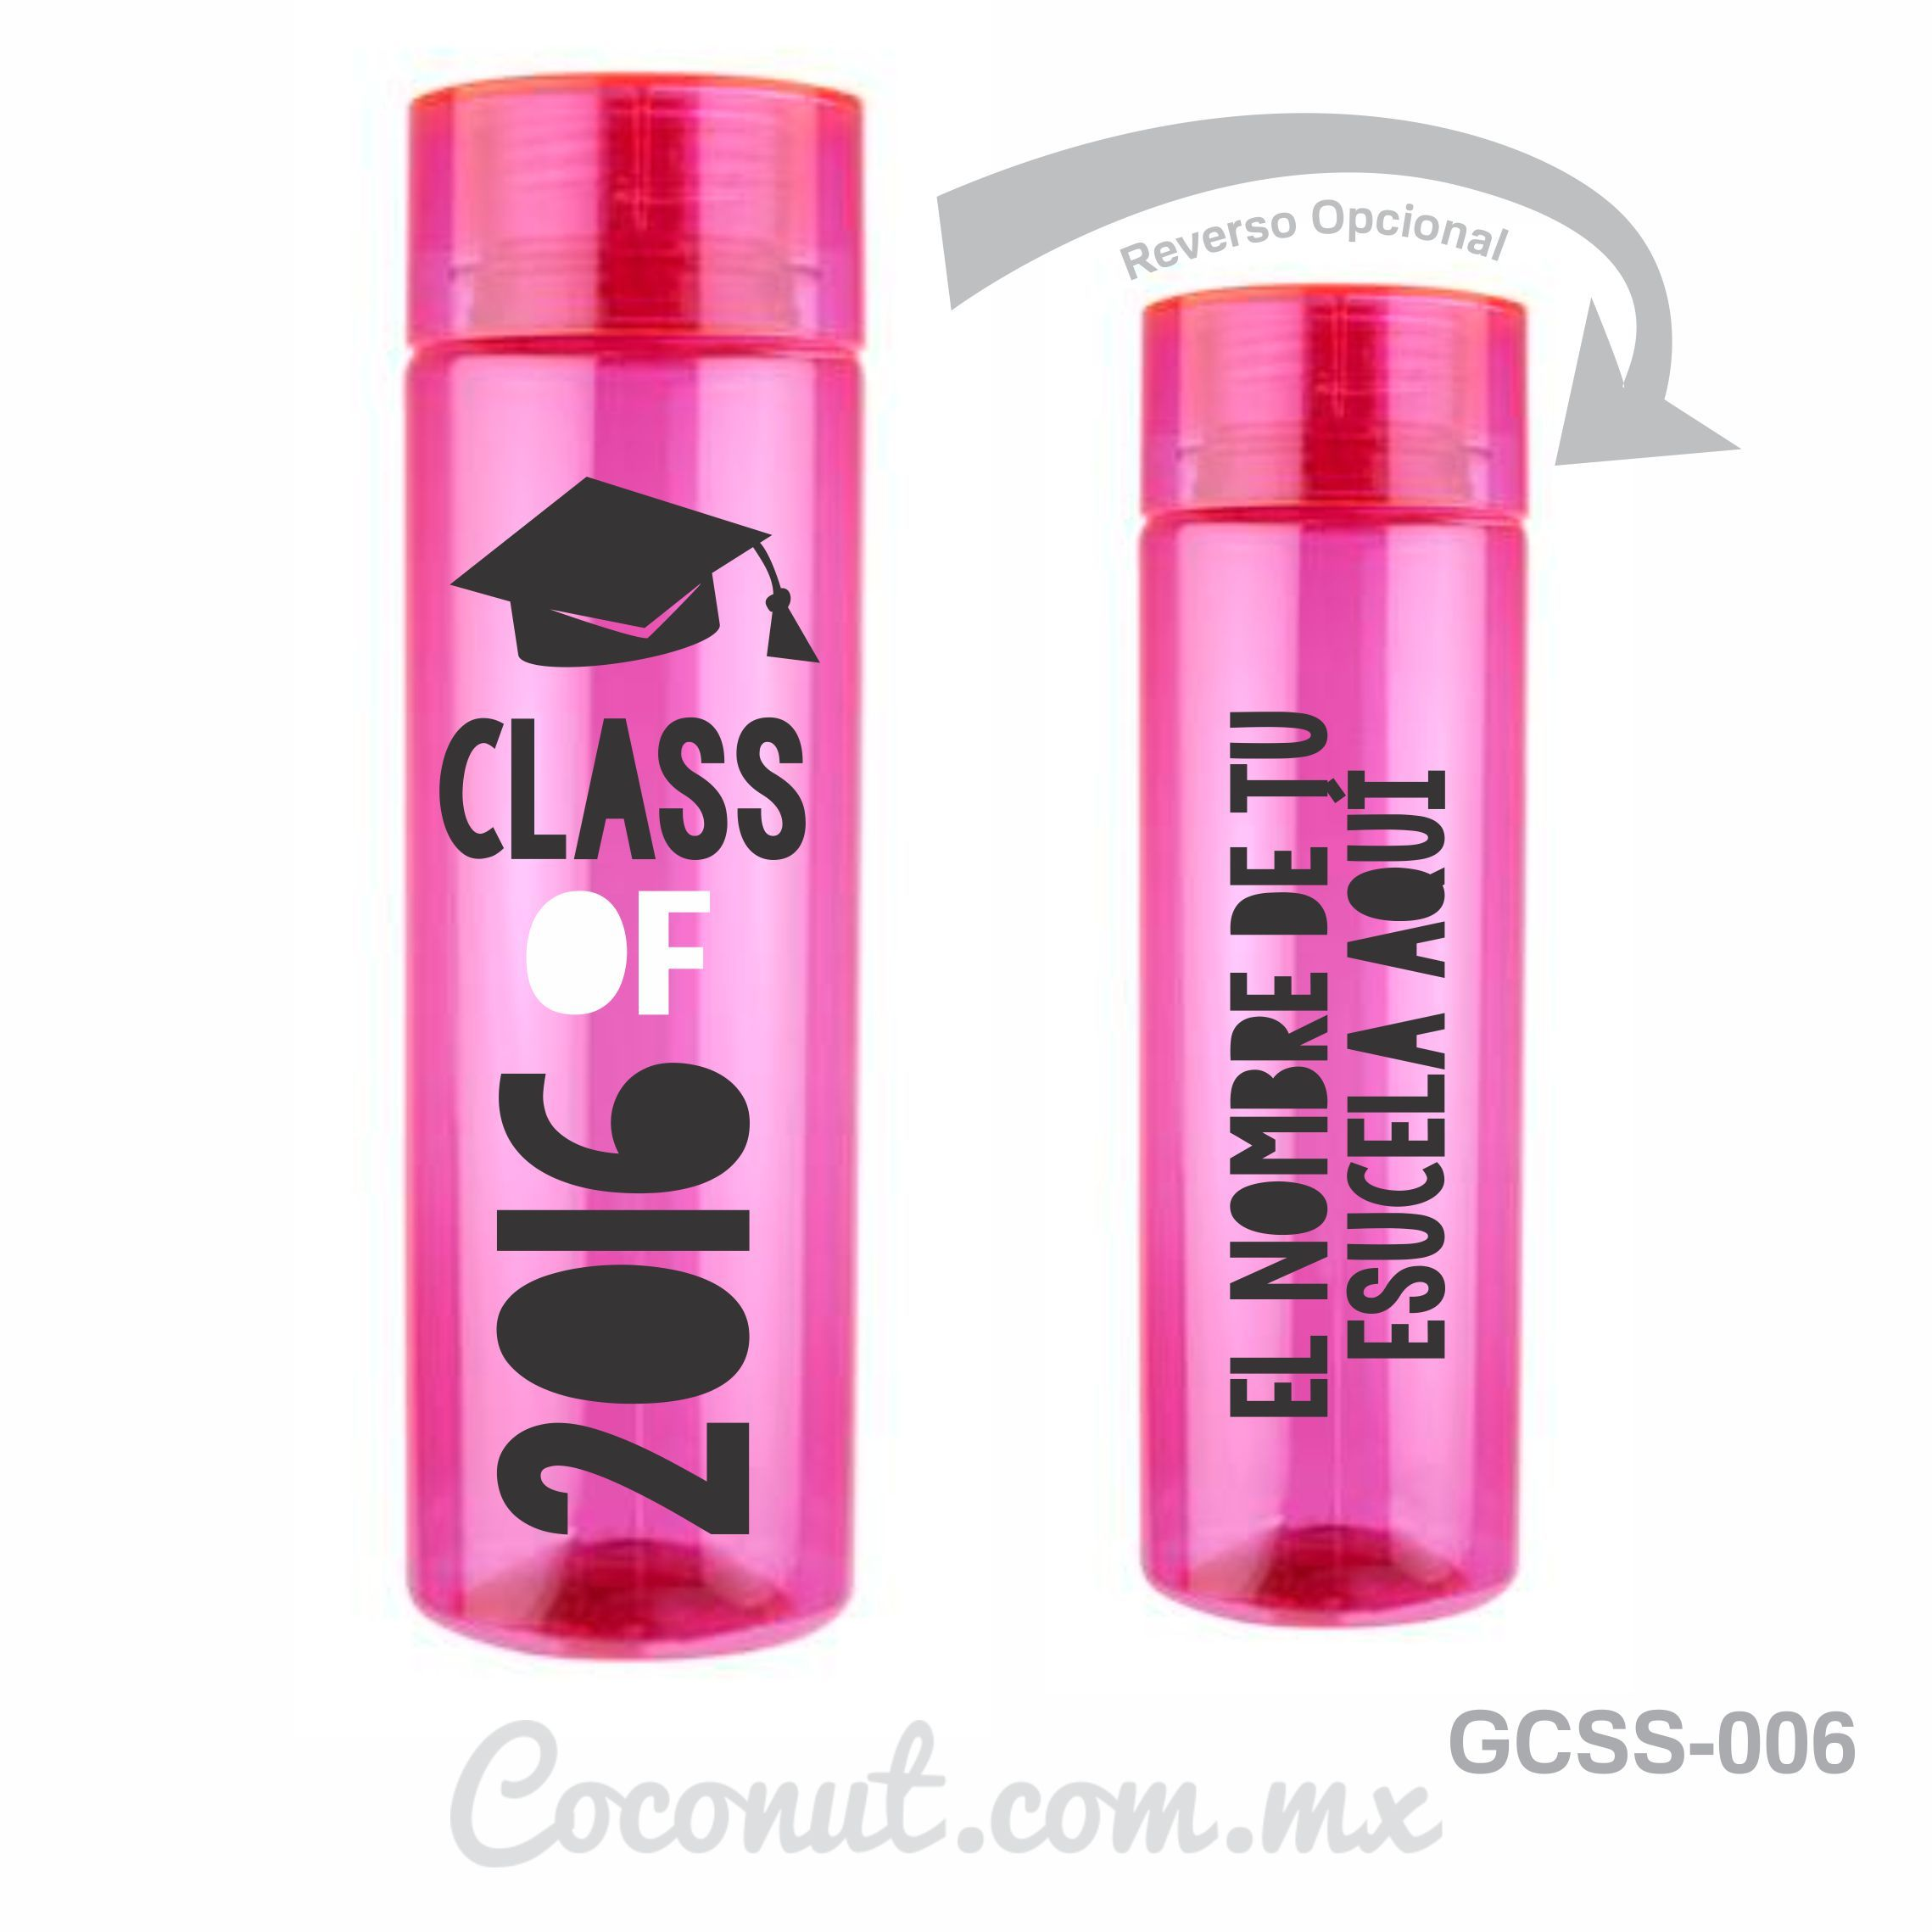 Cilindro para graduaci³n disponible en Sguenos